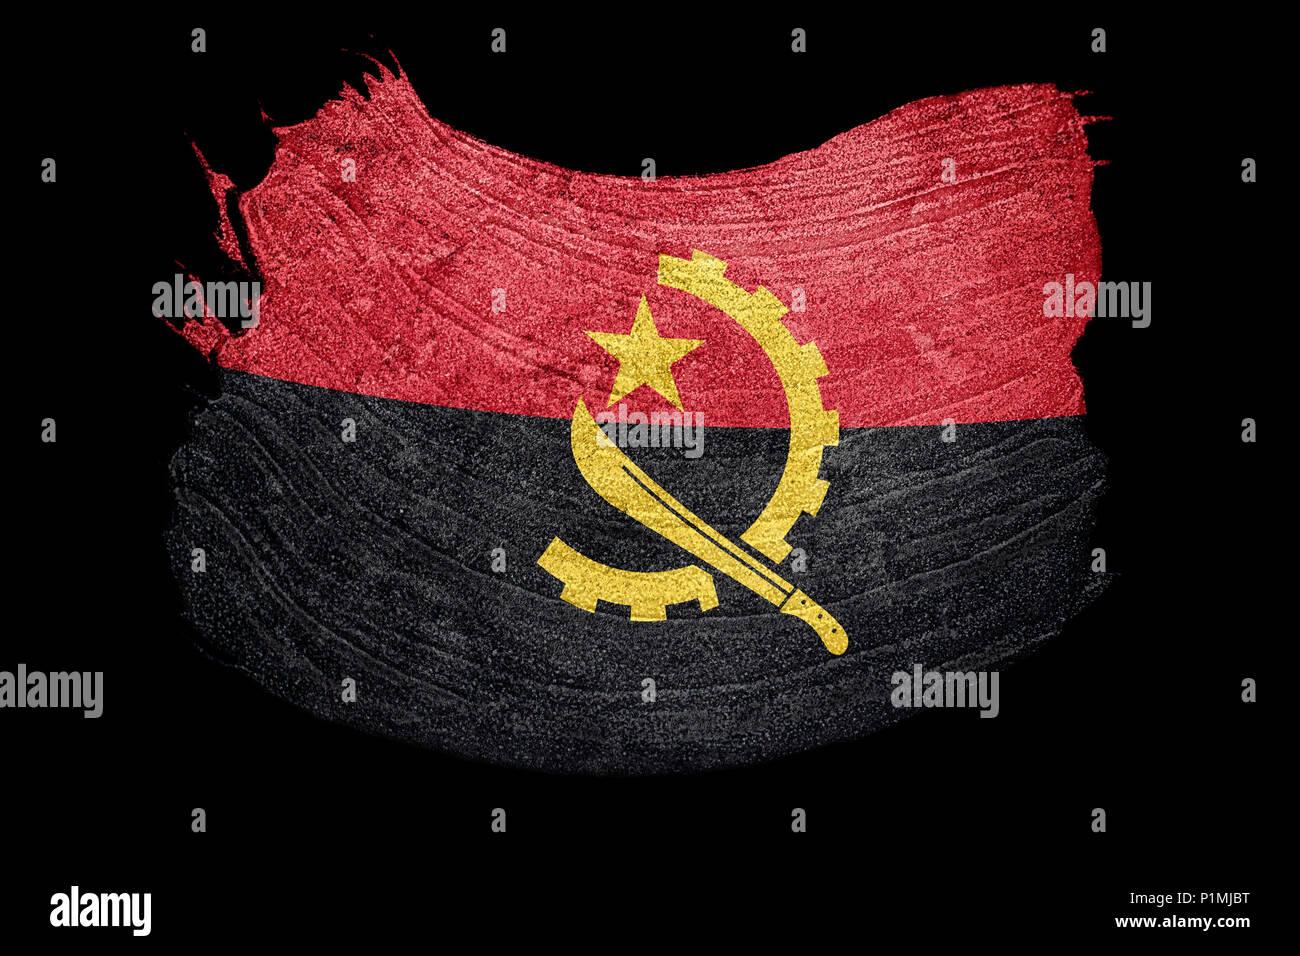 Grunge Angola flag. Angola flag with grunge texture. Brush stroke. - Stock Image